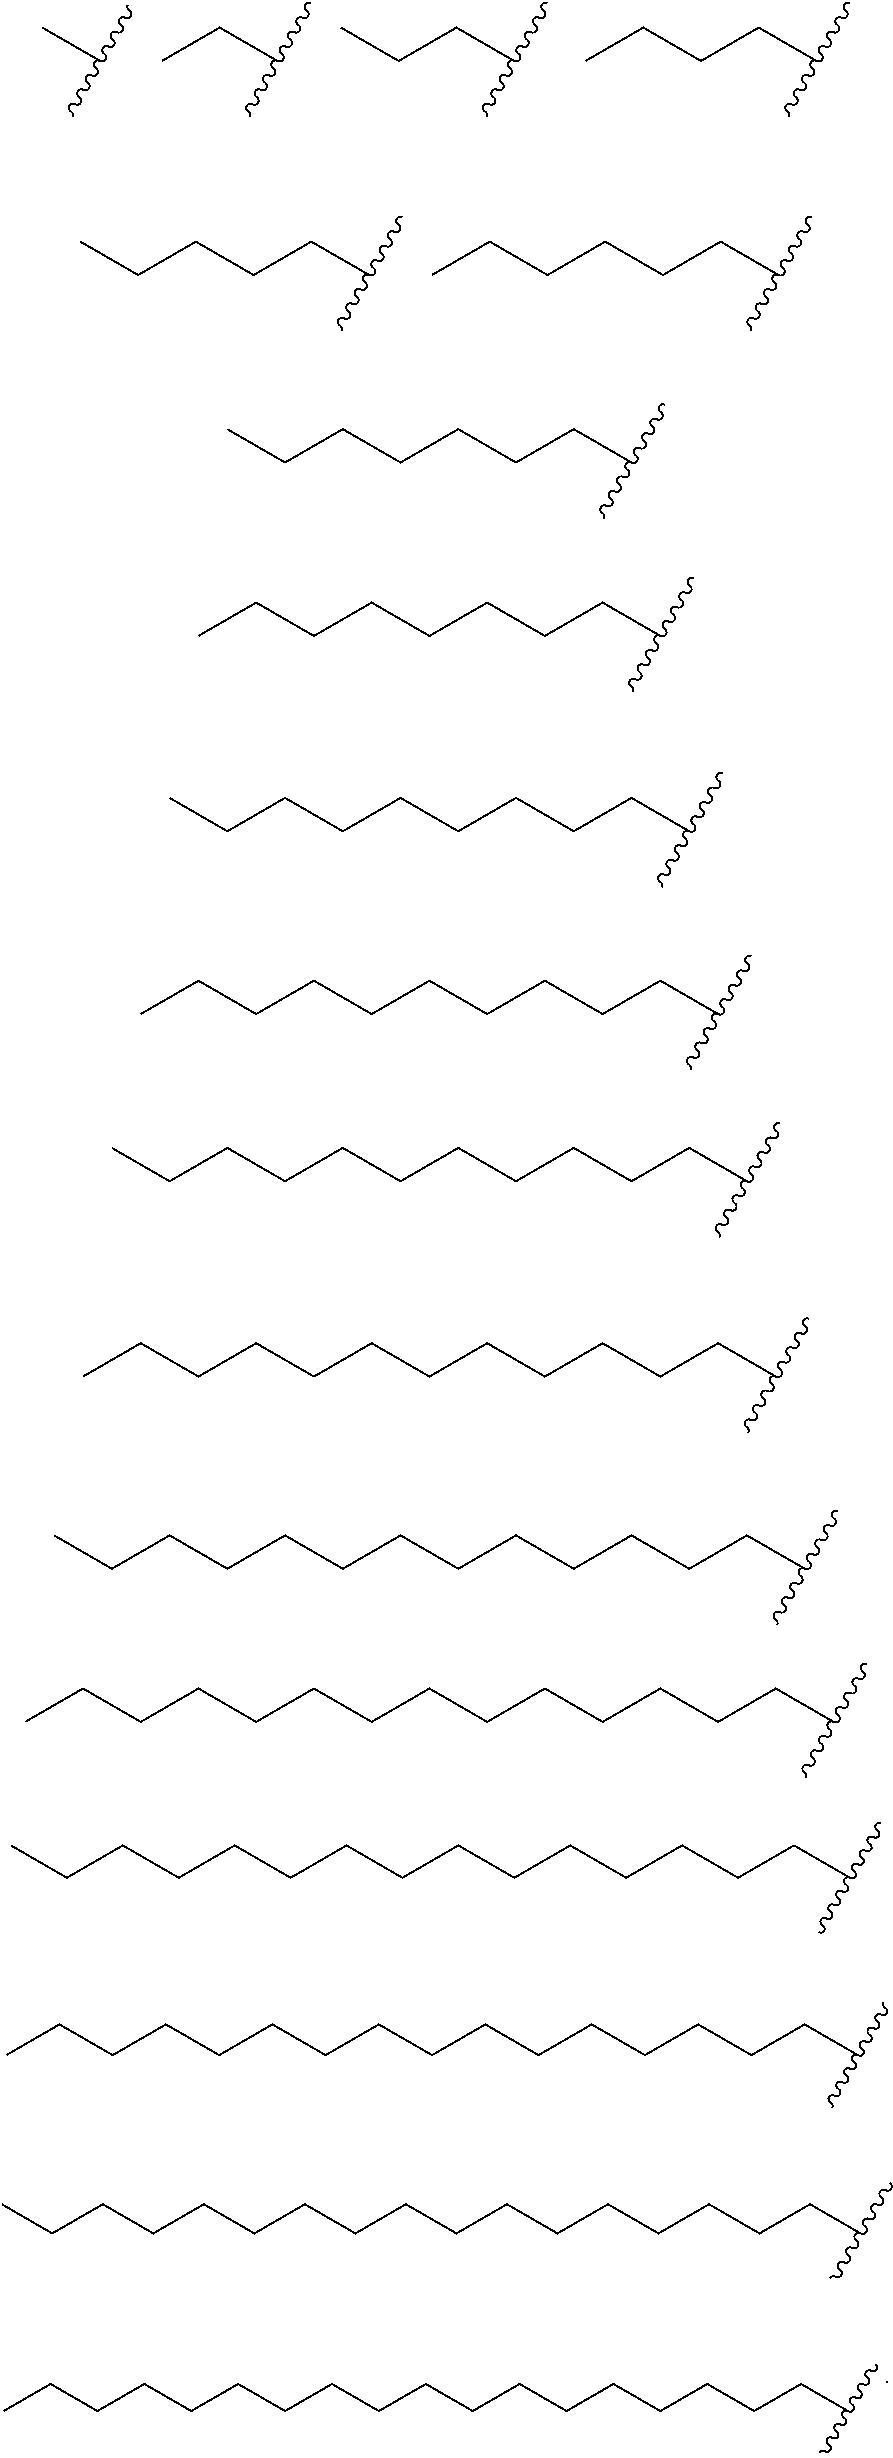 Figure US08969353-20150303-C00045